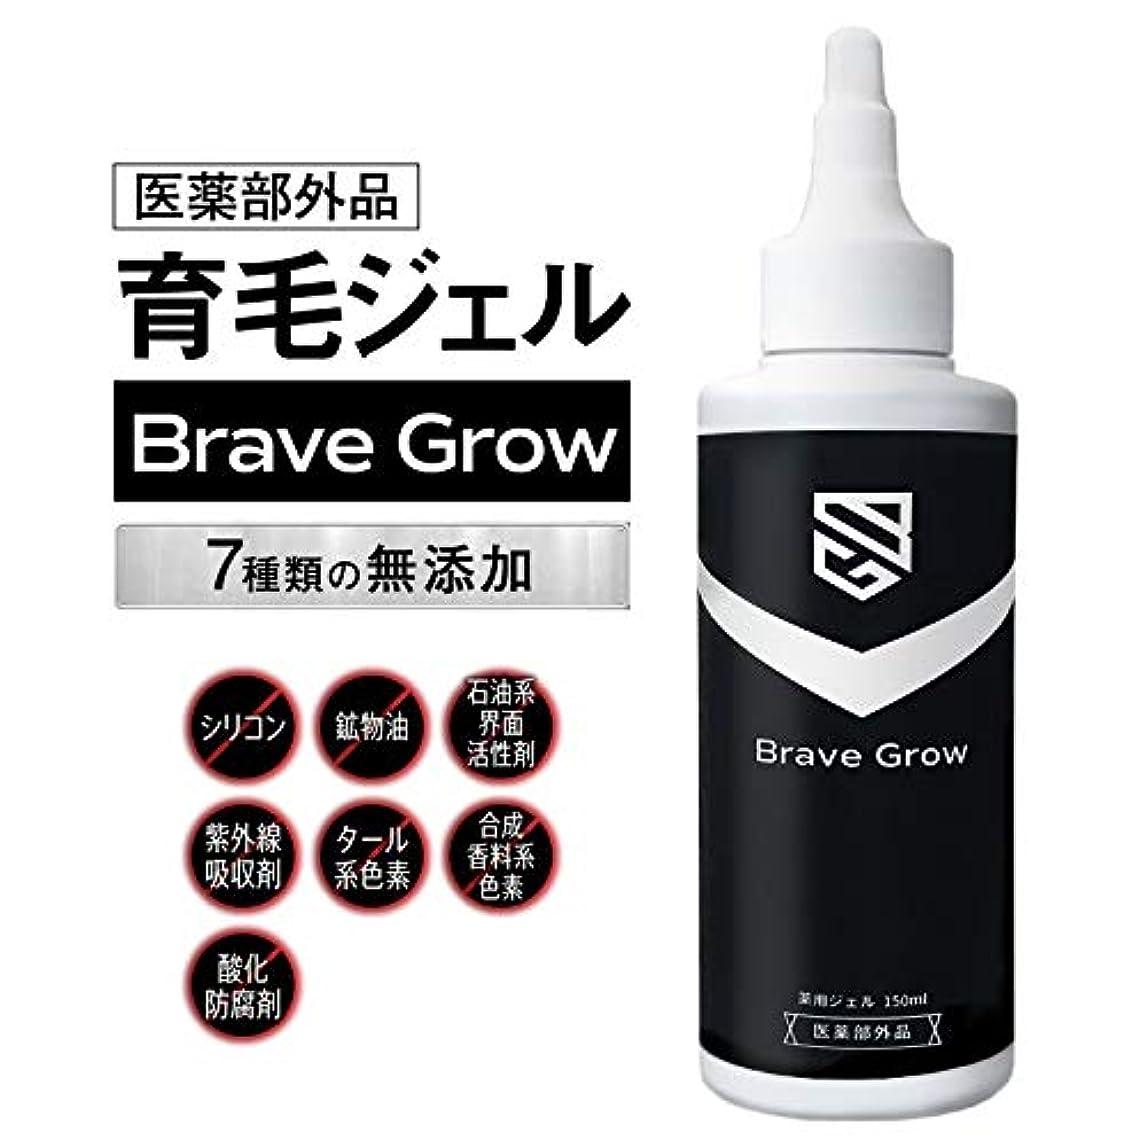 再撮り継続中汚染する育毛剤 BraveGrow ブレイブグロー 150ml 【医薬部外品】ジェルタイプ 男性